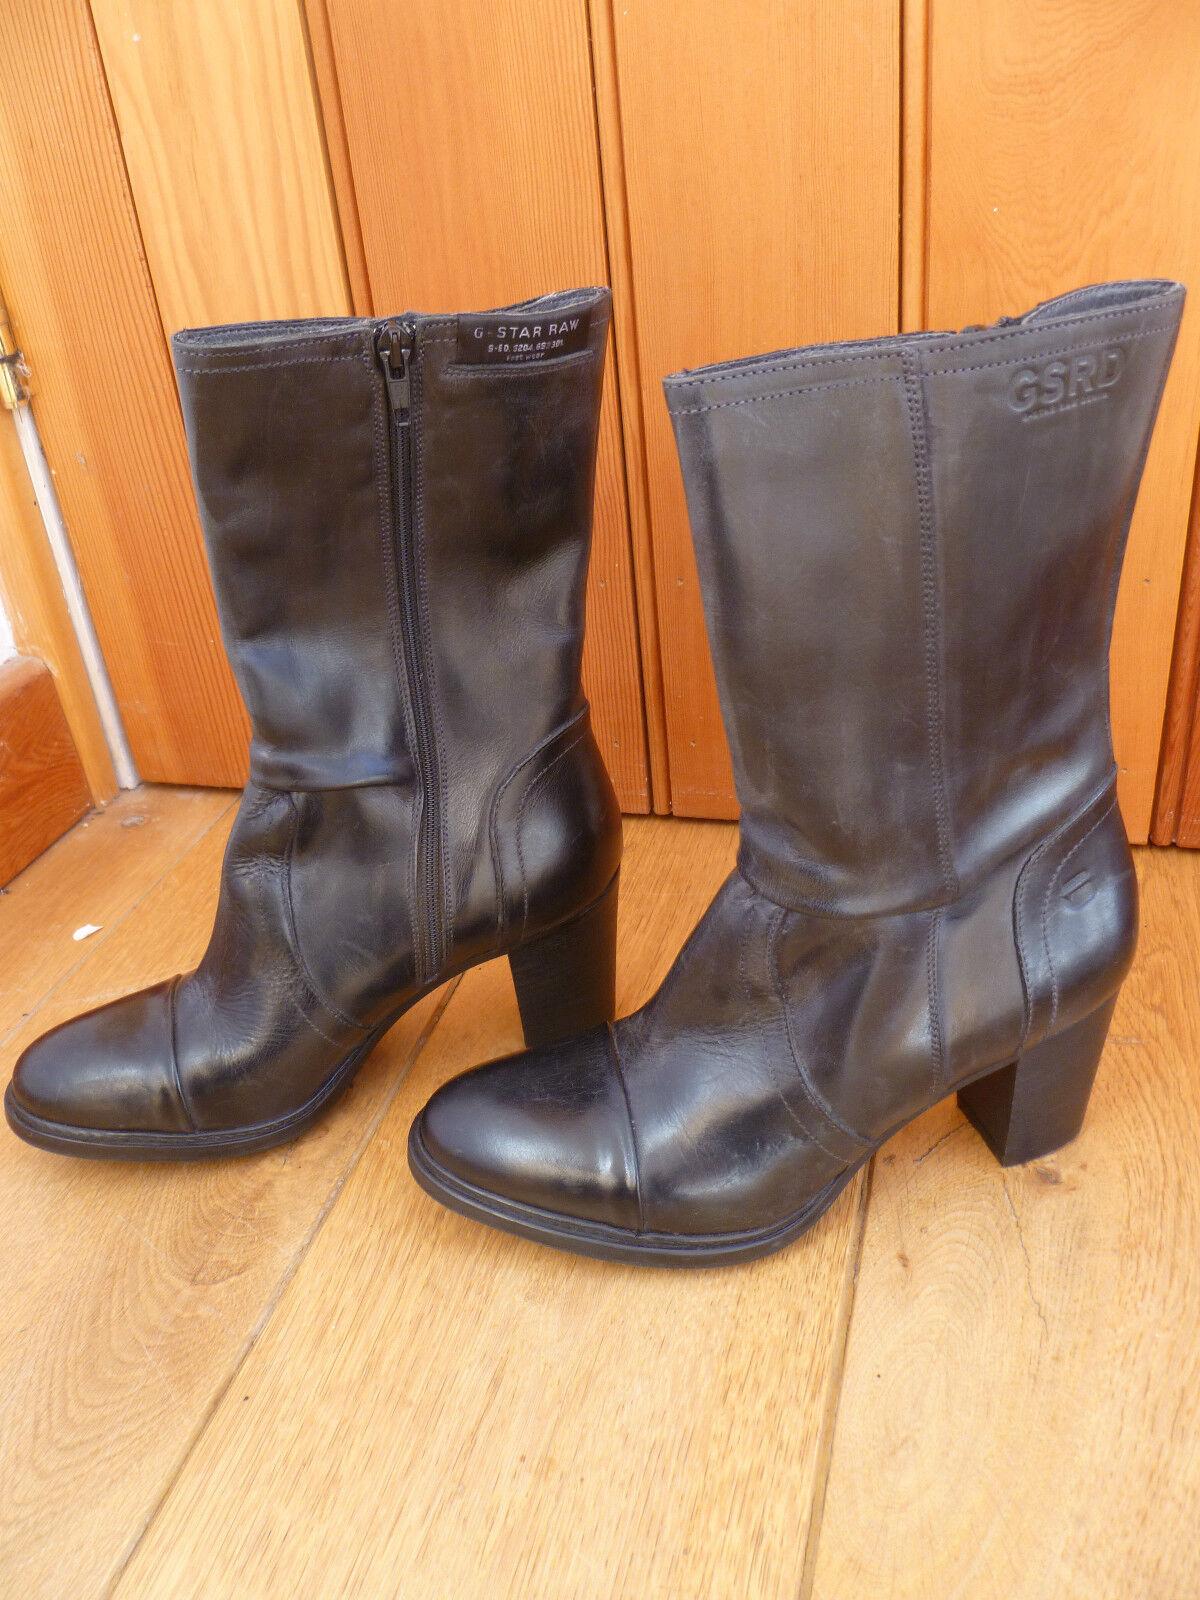 connotación de lujo discreta G Star Raw Pliegue Pliegue Pliegue Detalle De Cuero Negro botas Mitad de Pantorrilla pantalla ex 3 36 Nuevo  despacho de tienda